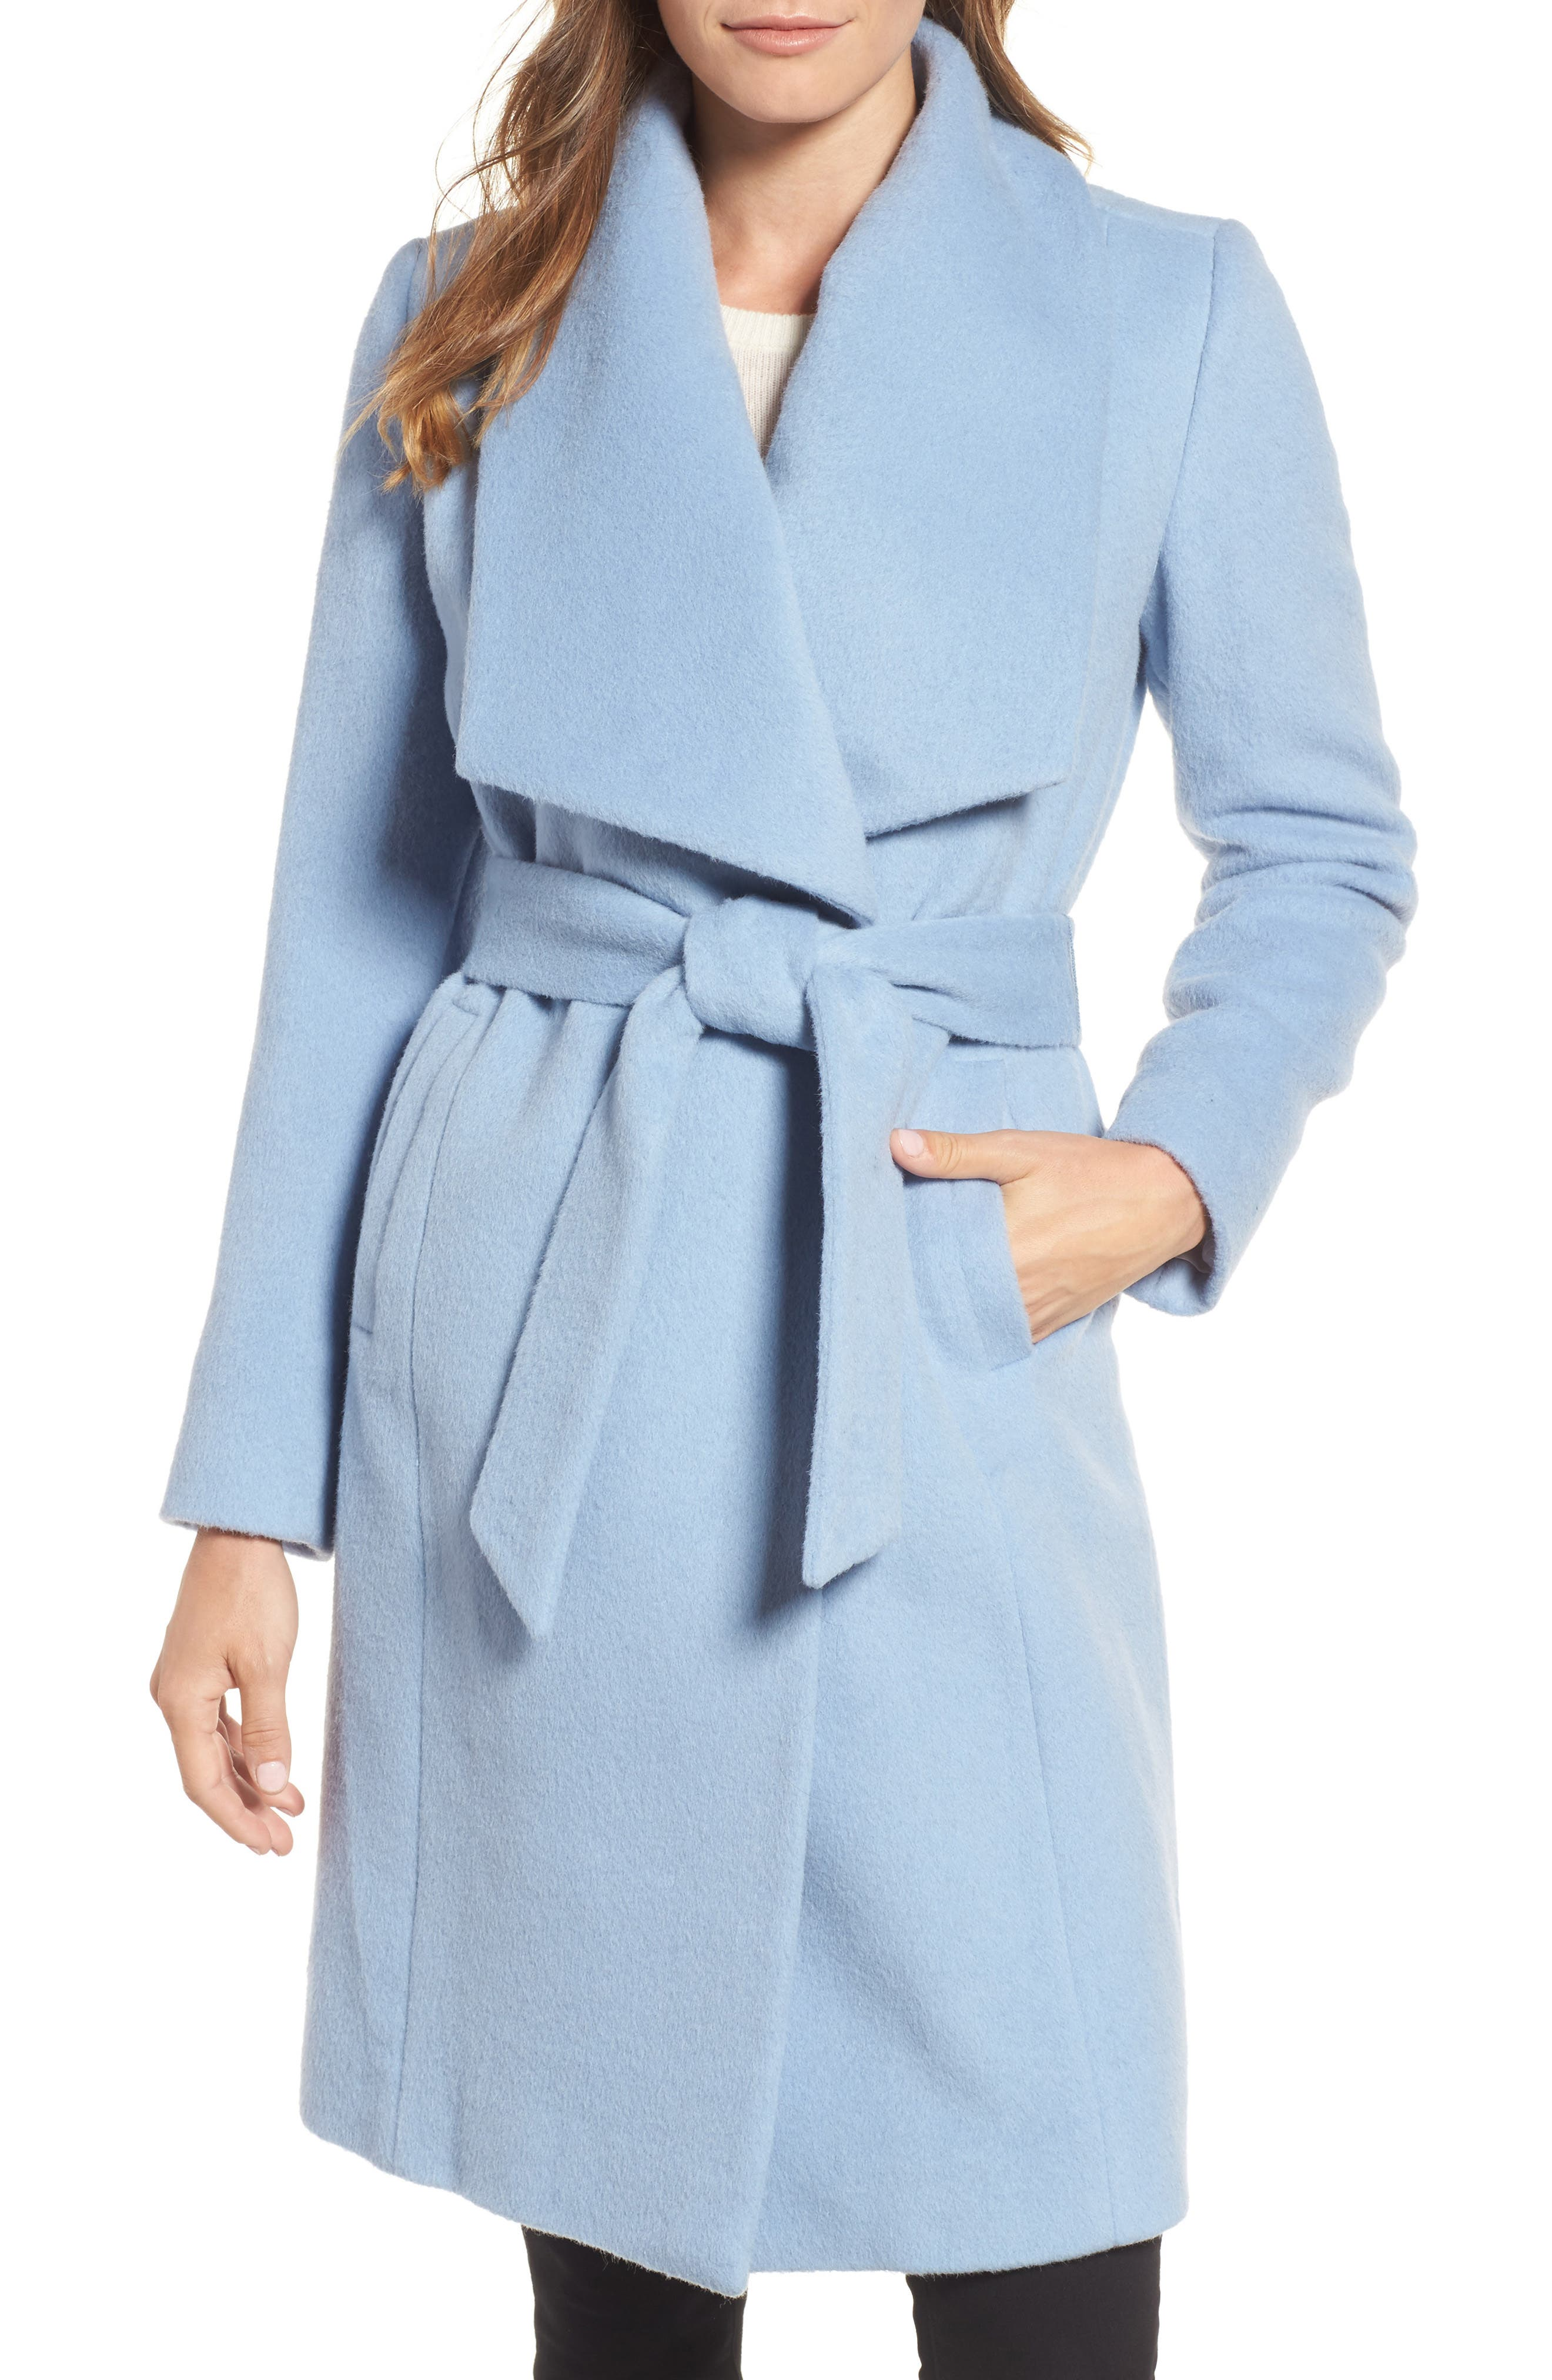 Alpaca Blend Wrap Coat,                         Main,                         color, Periwinkle